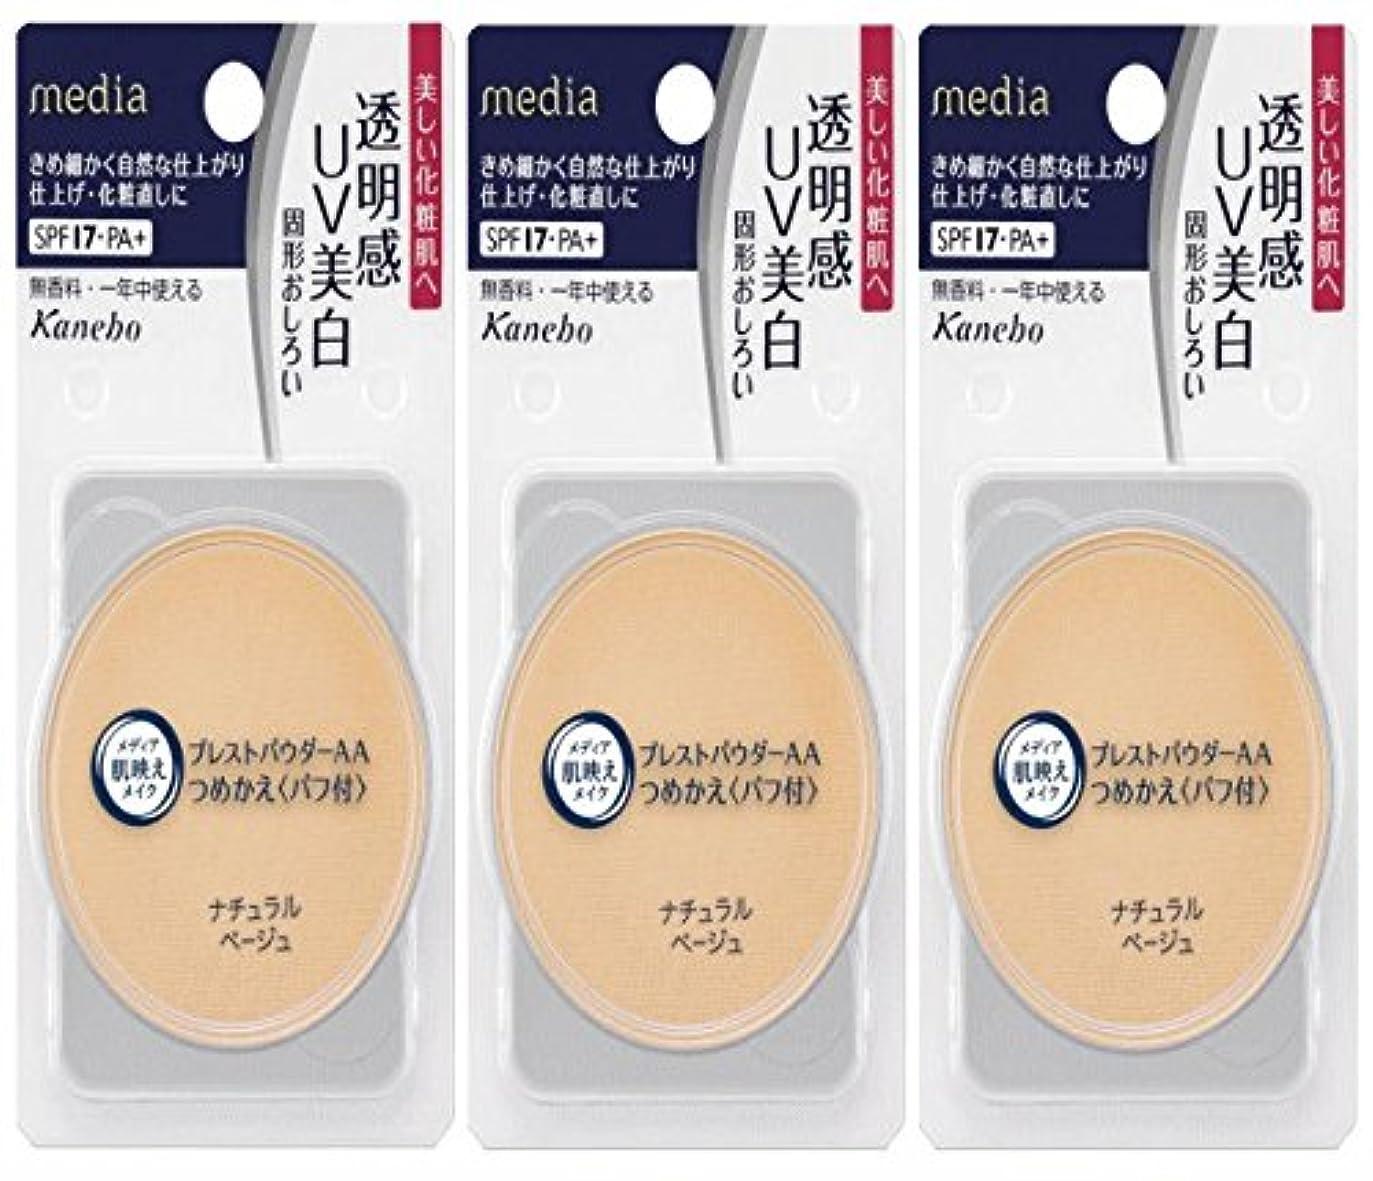 ストレスの多い期限強打【3個セット】カネボウメディア(media) プレストパウダーAA(つめかえ) ナチュラルベージュ